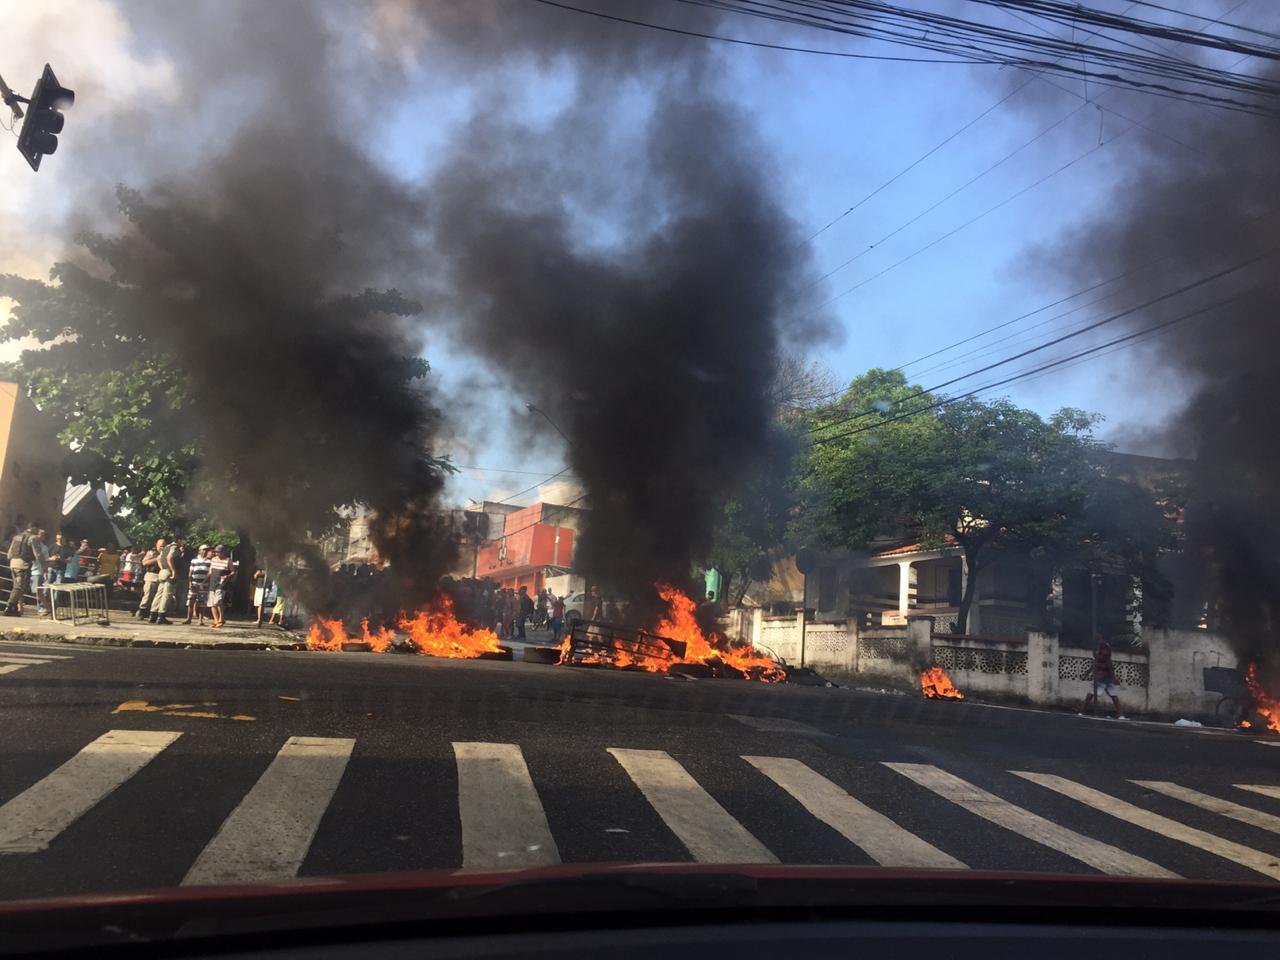 48bc6418 6ea4 489f b49f 1fc8930d7c88 - Ambulantes fazem protesto e queimam pneus em frente ao Ministério Público - VEJA VÍDEO